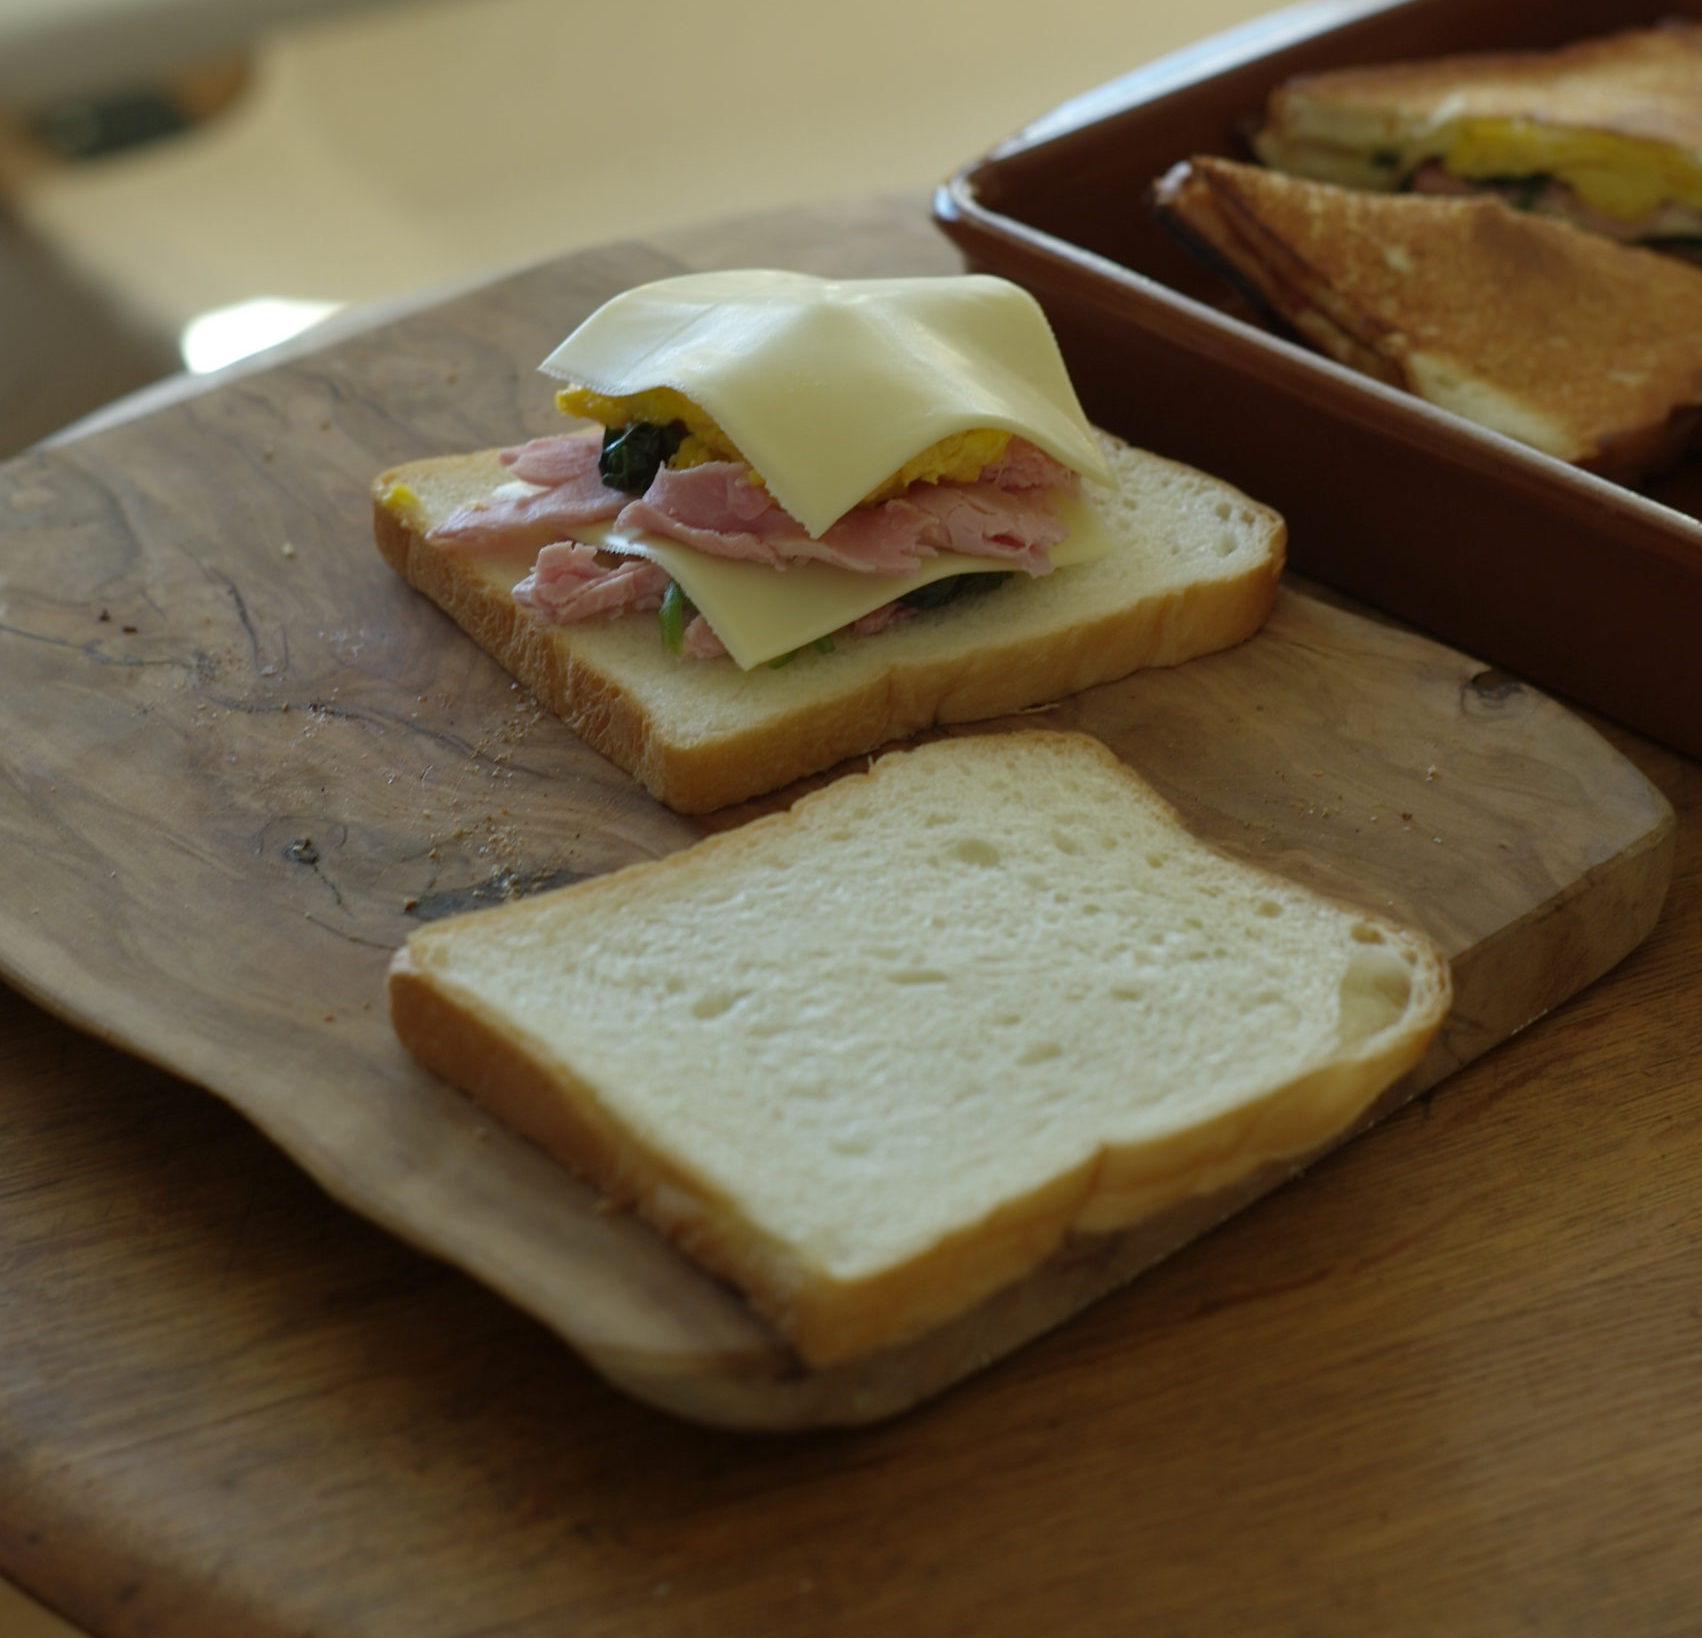 イタリアンシェフ・相場正一郎に聞く、おすすめキッチンツール。「家族の食事を楽しくするベストアイテム」